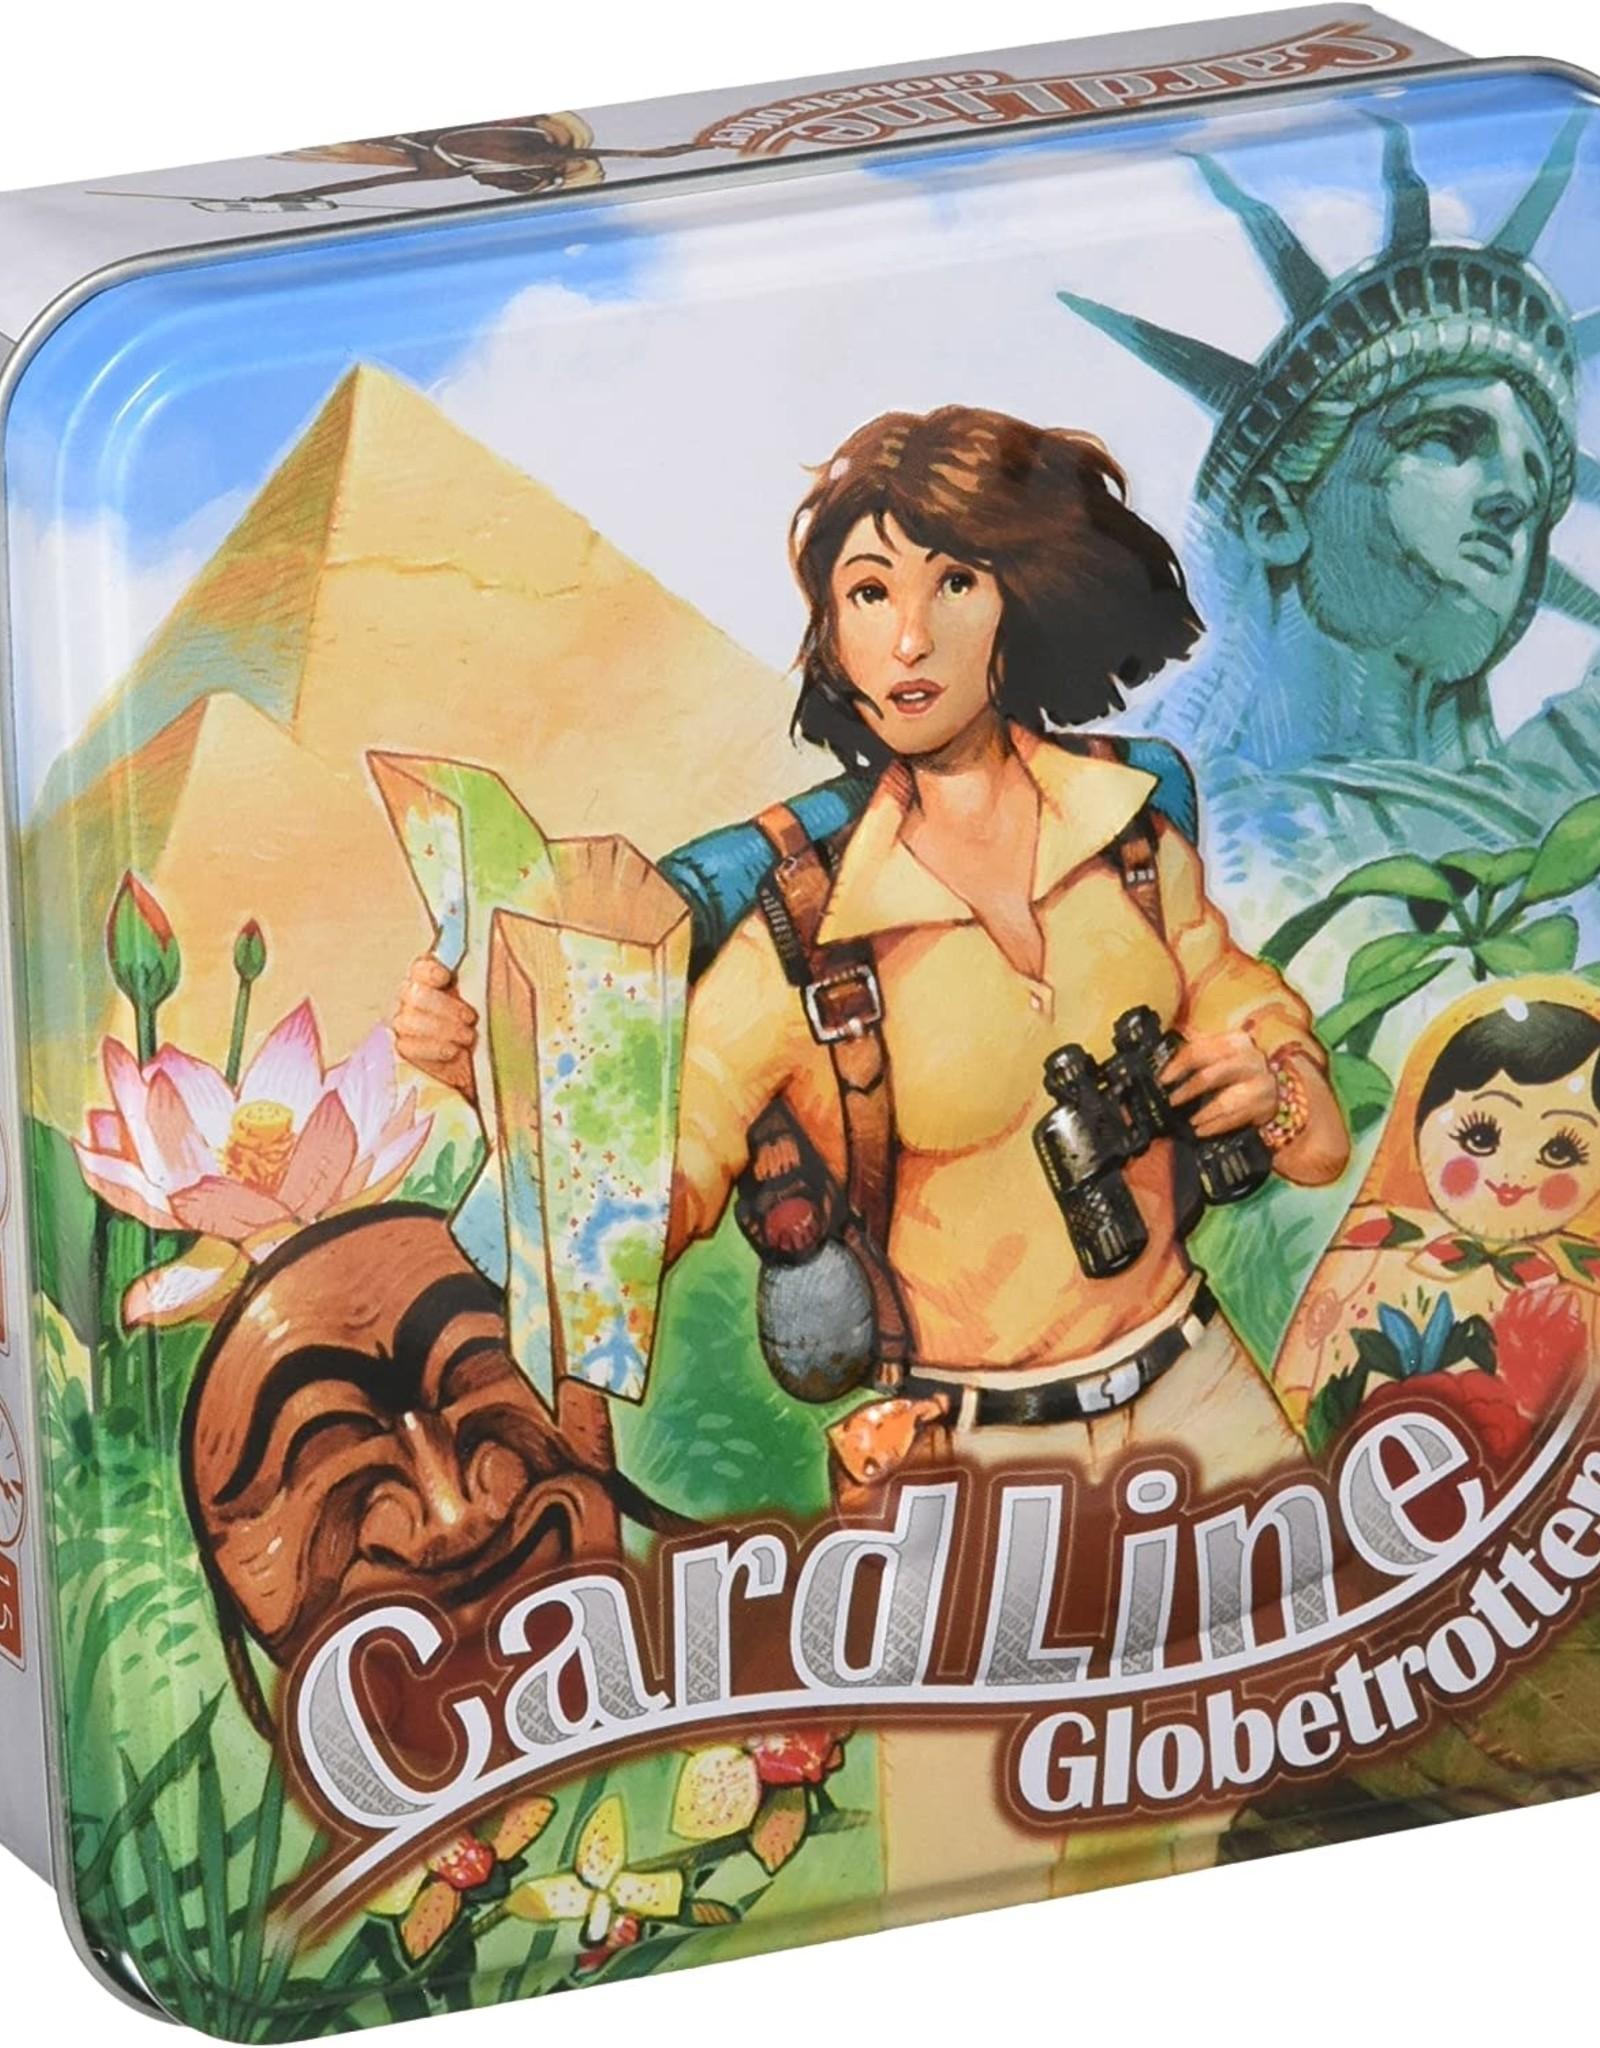 Cardline Globetrotter